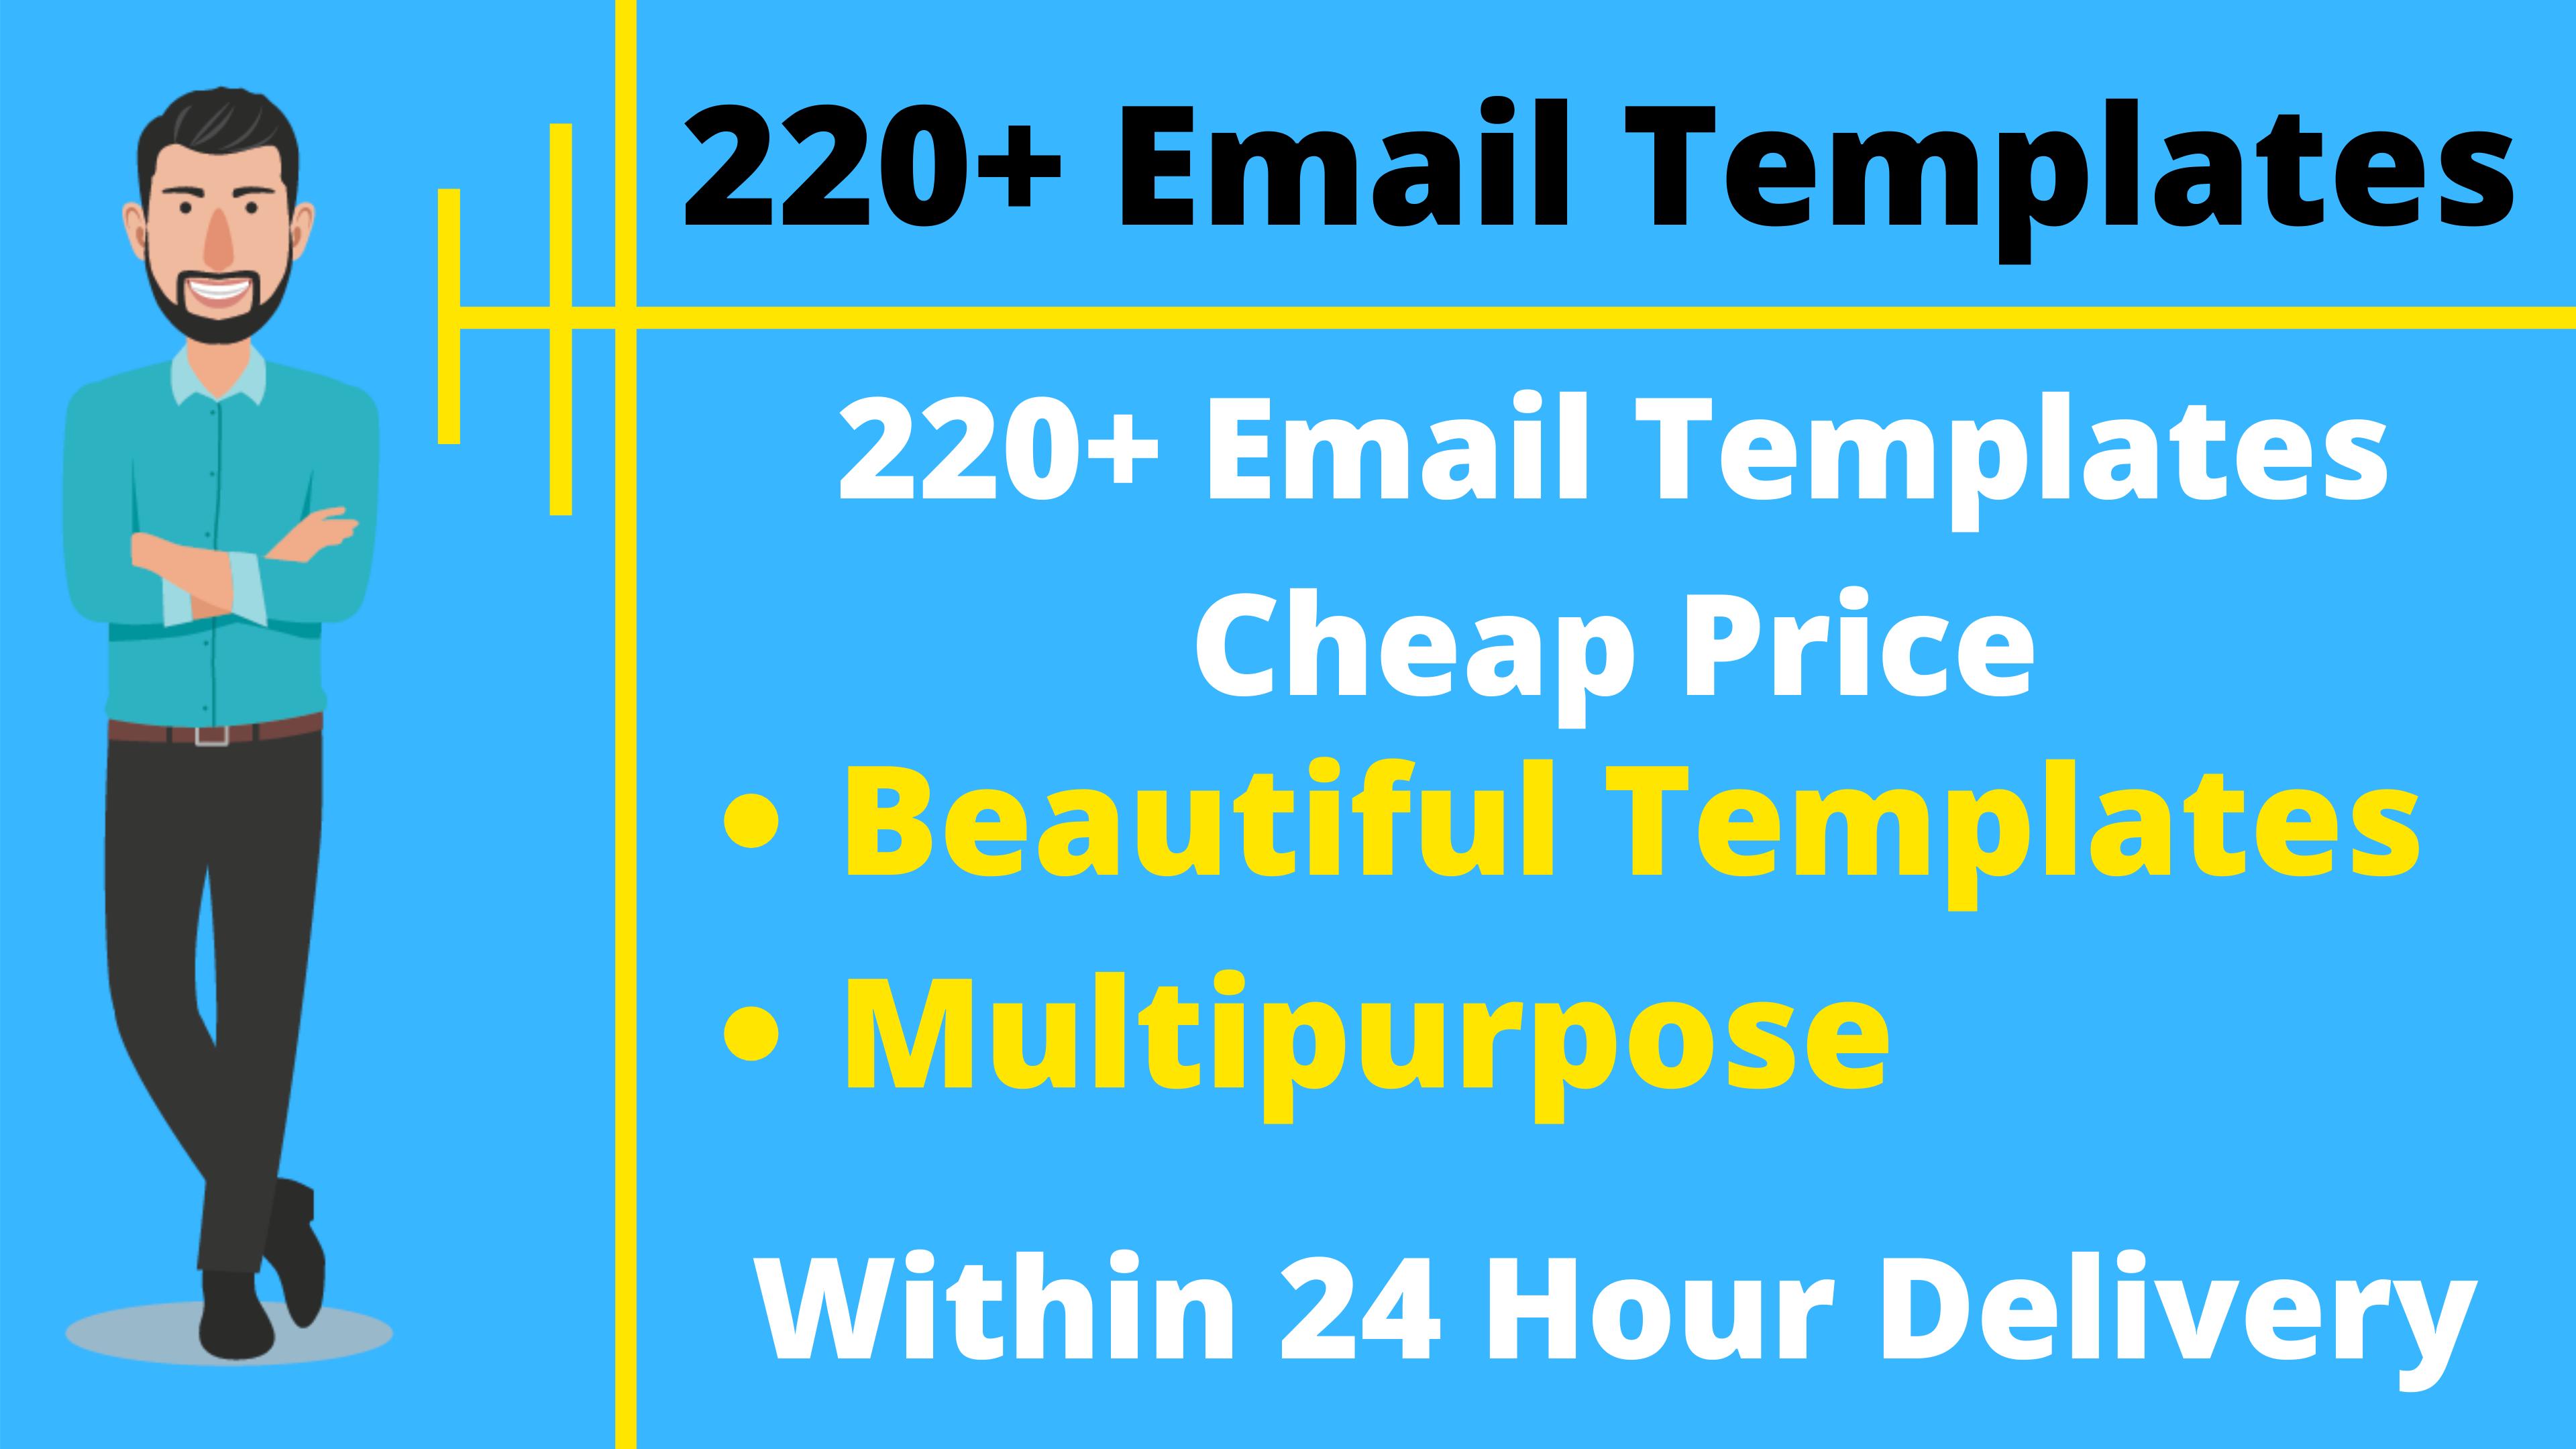 220+ Premium Email Templates Multipurpose